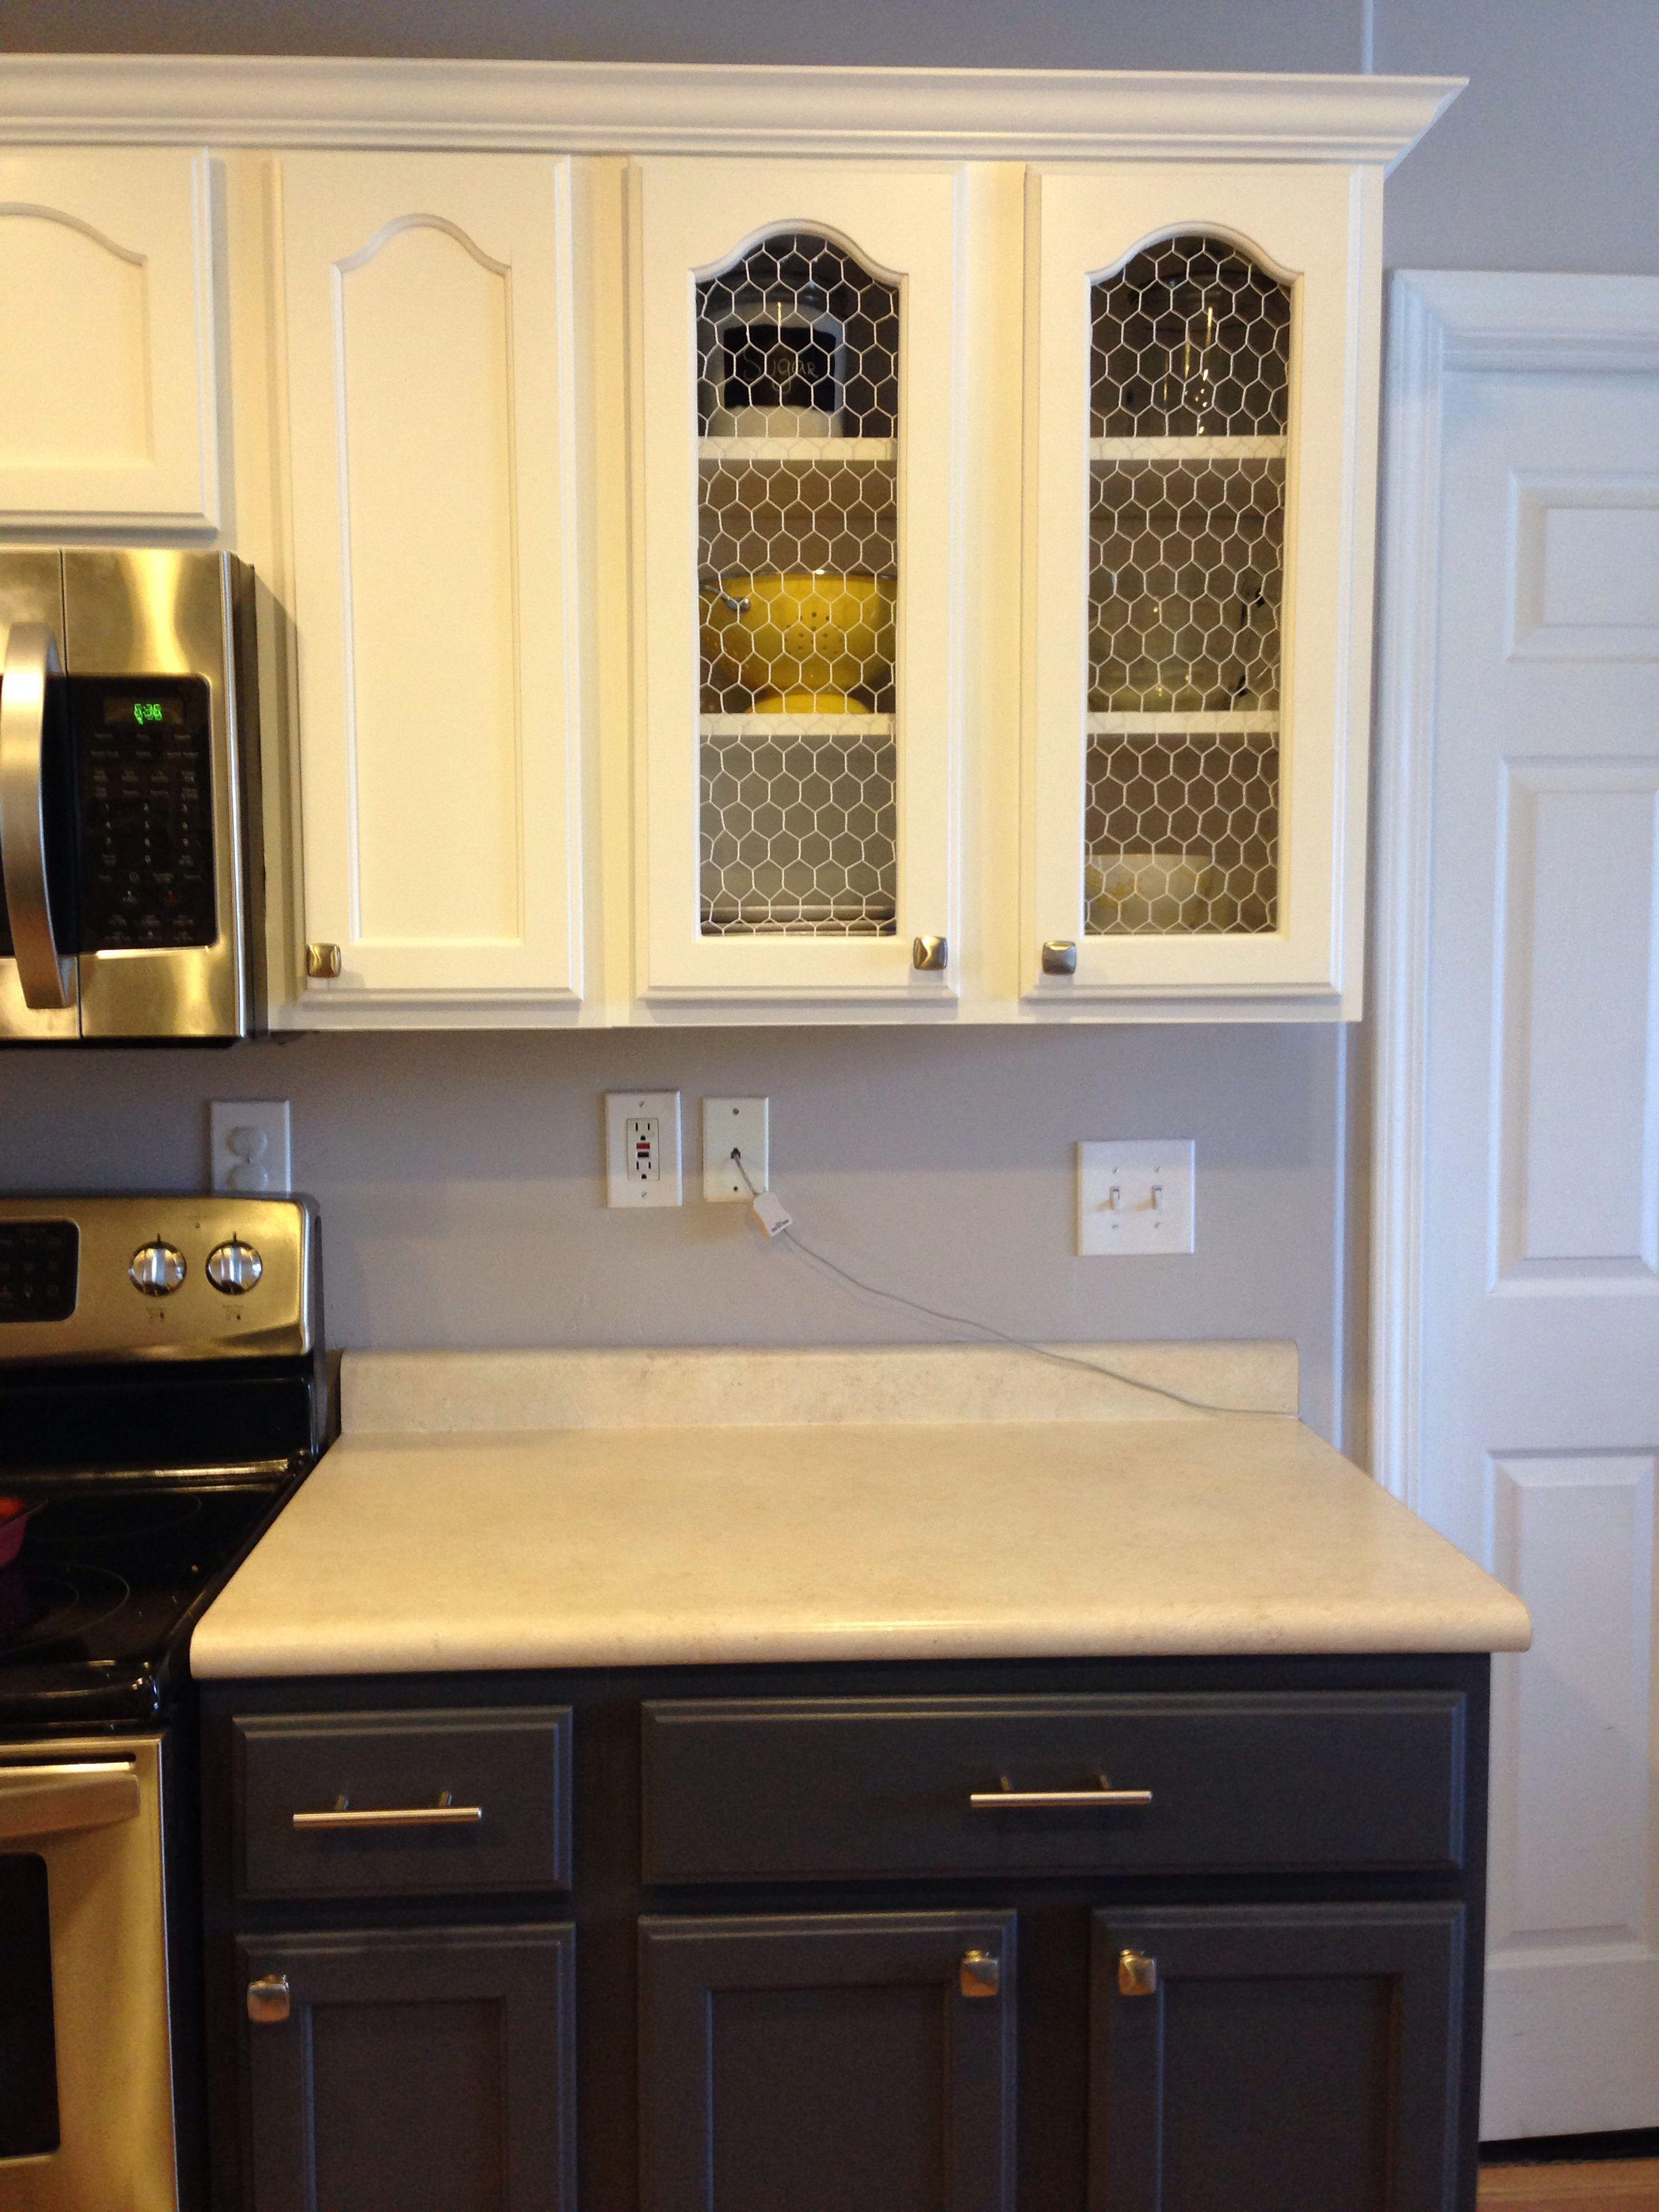 Kitchen Cabinet Transformation Chicken Wire In The Inners If Cabinets Kitchen Kitchen Cabinets New Kitchen